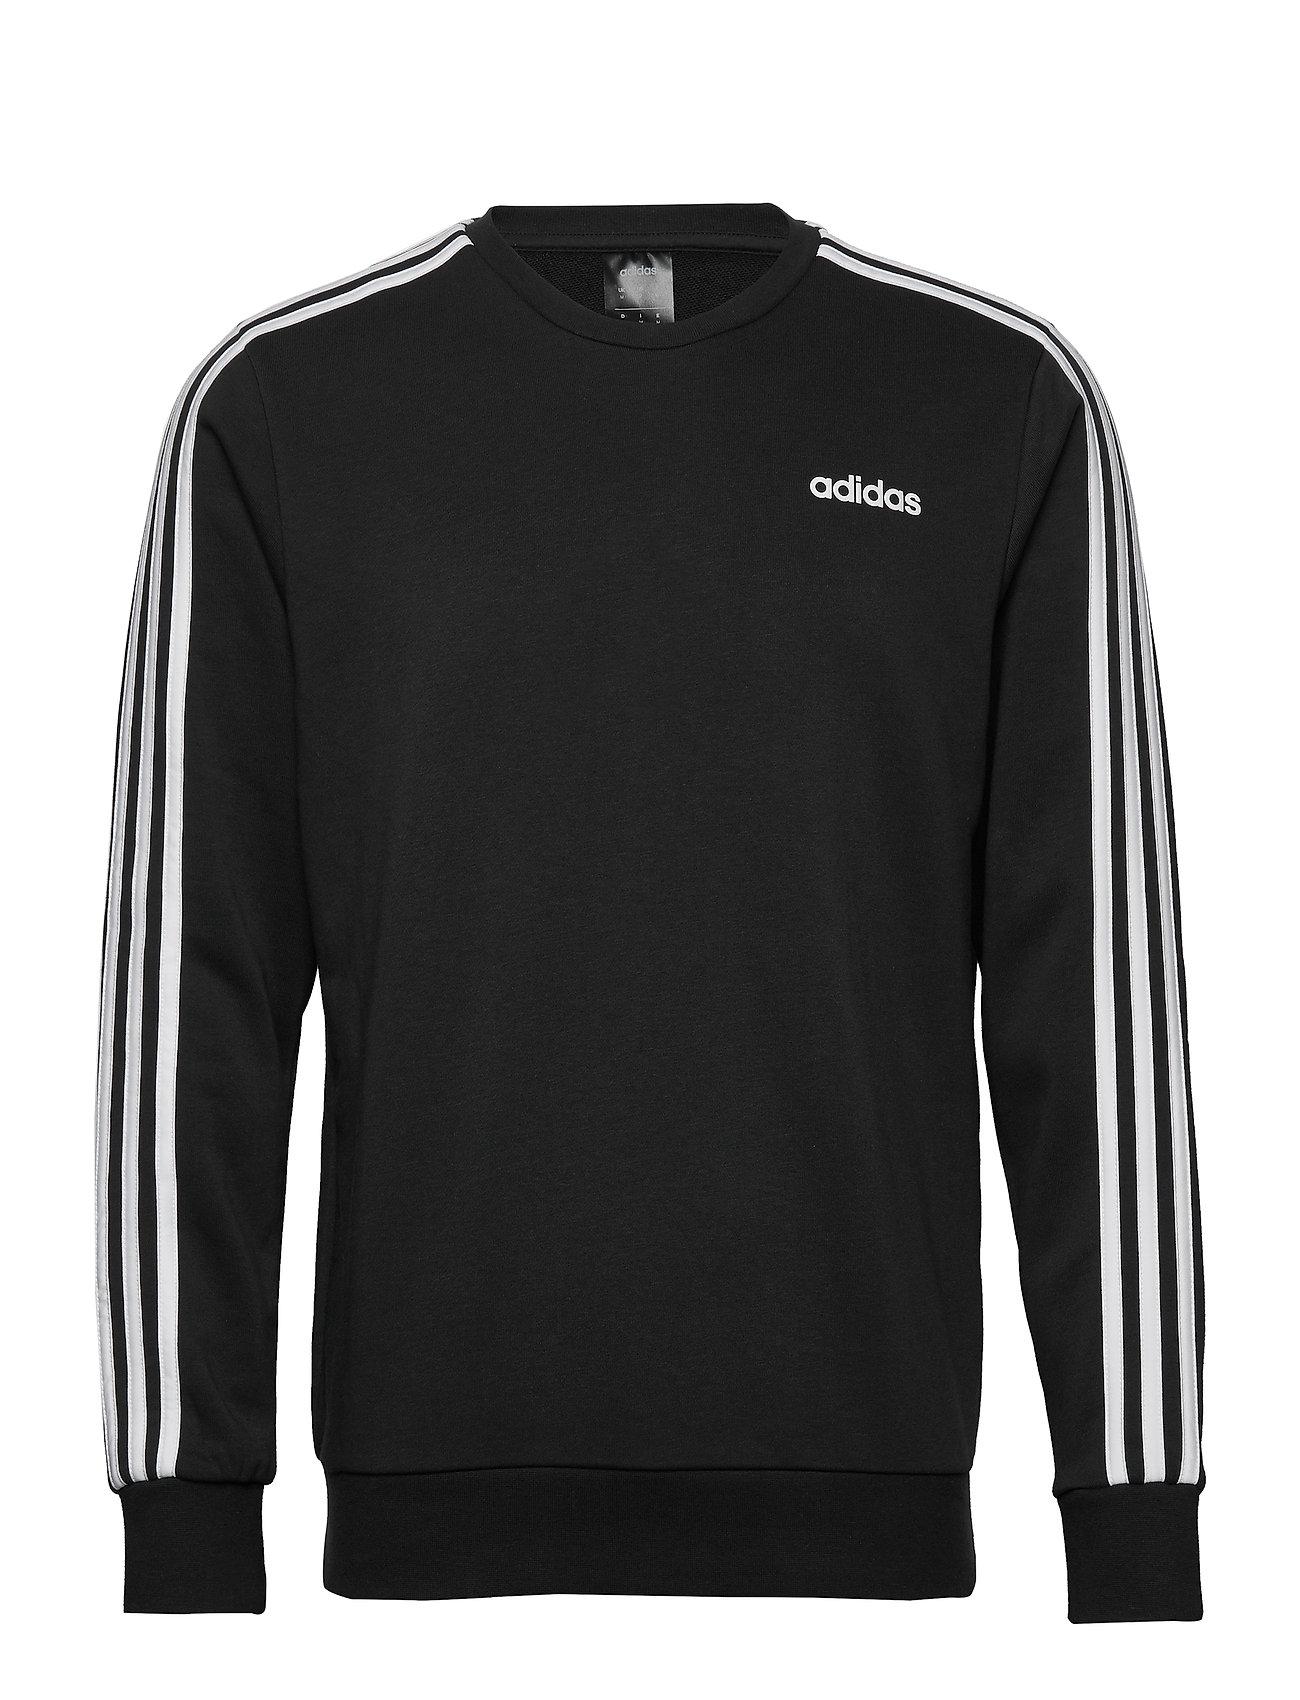 adidas Performance E 3S CREW FT - BLACK/WHITE